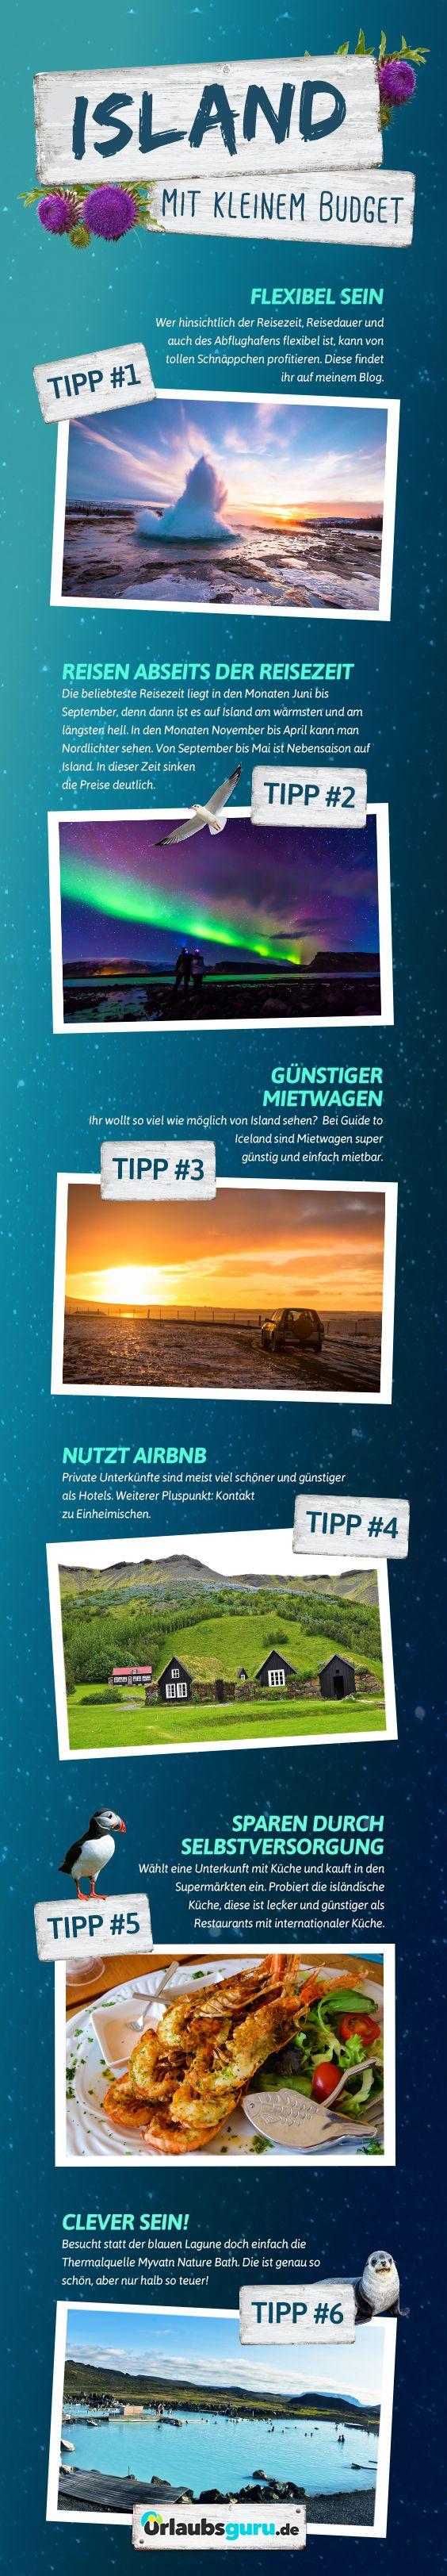 Gunstig Nach Island Reisen 6 Tipps Die Das Budget Schonen Island Urlaub Billig Reisen Und Traumziele